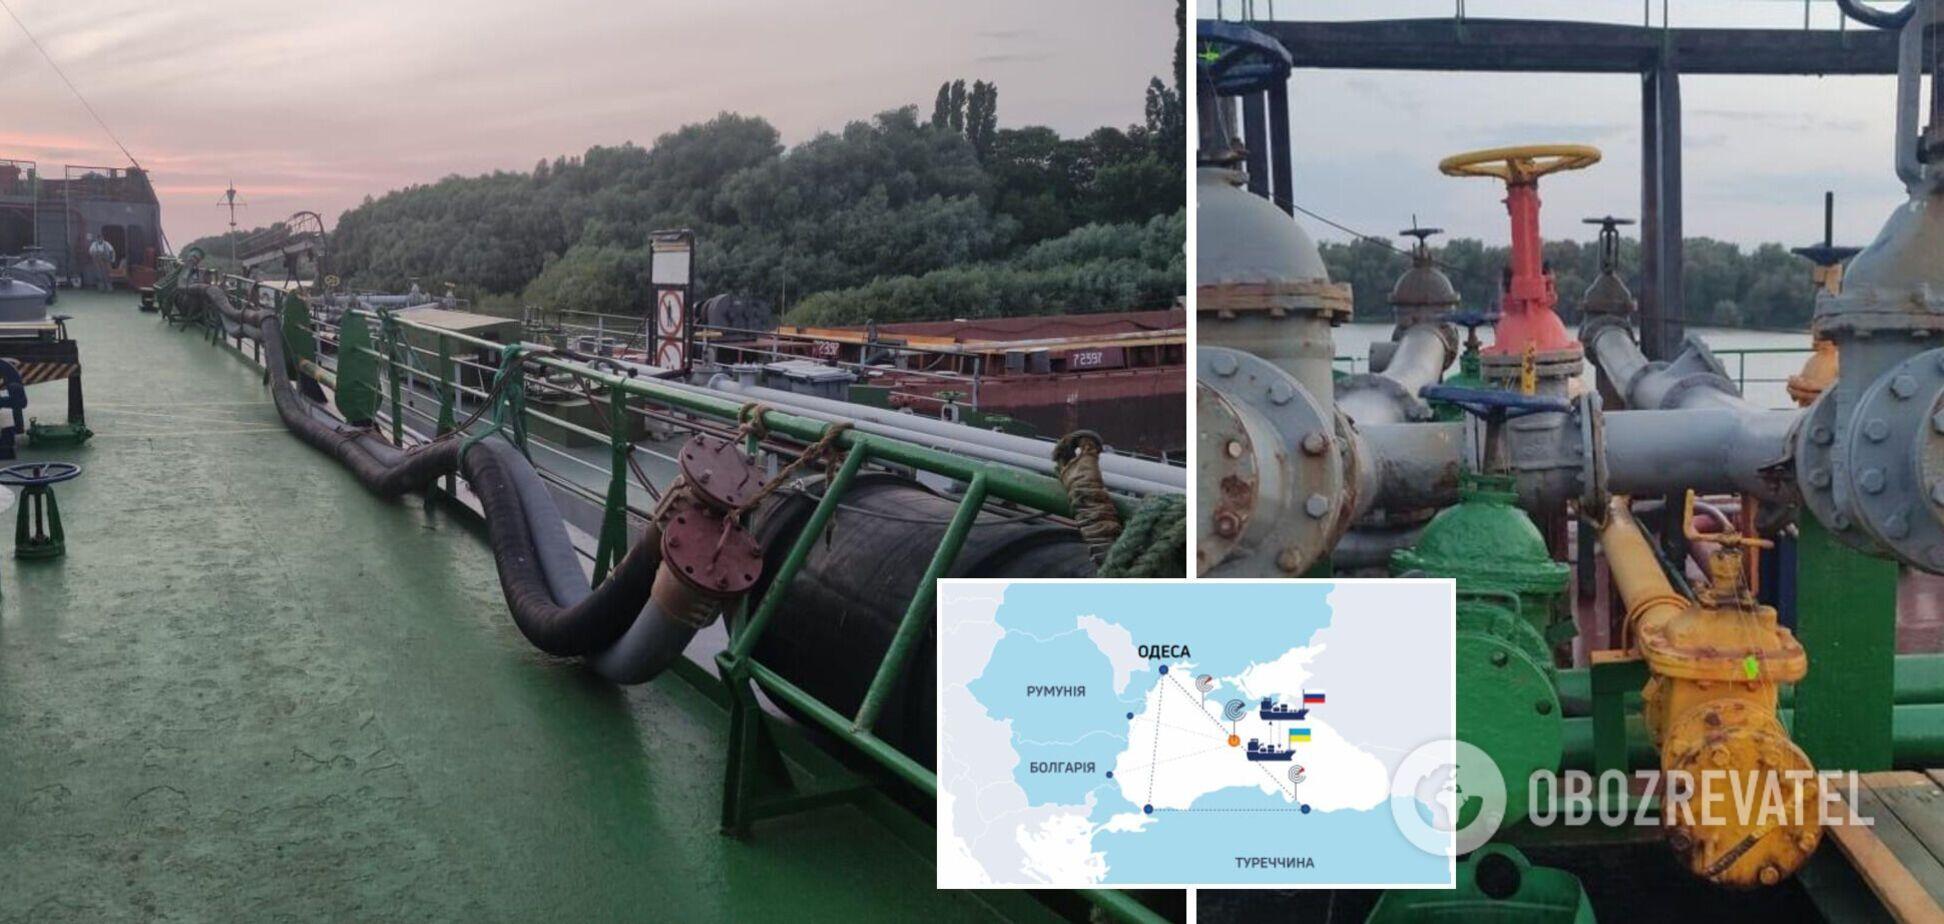 В ГБР разоблачили схему 'импорта' нелегального российского топлива в Украину